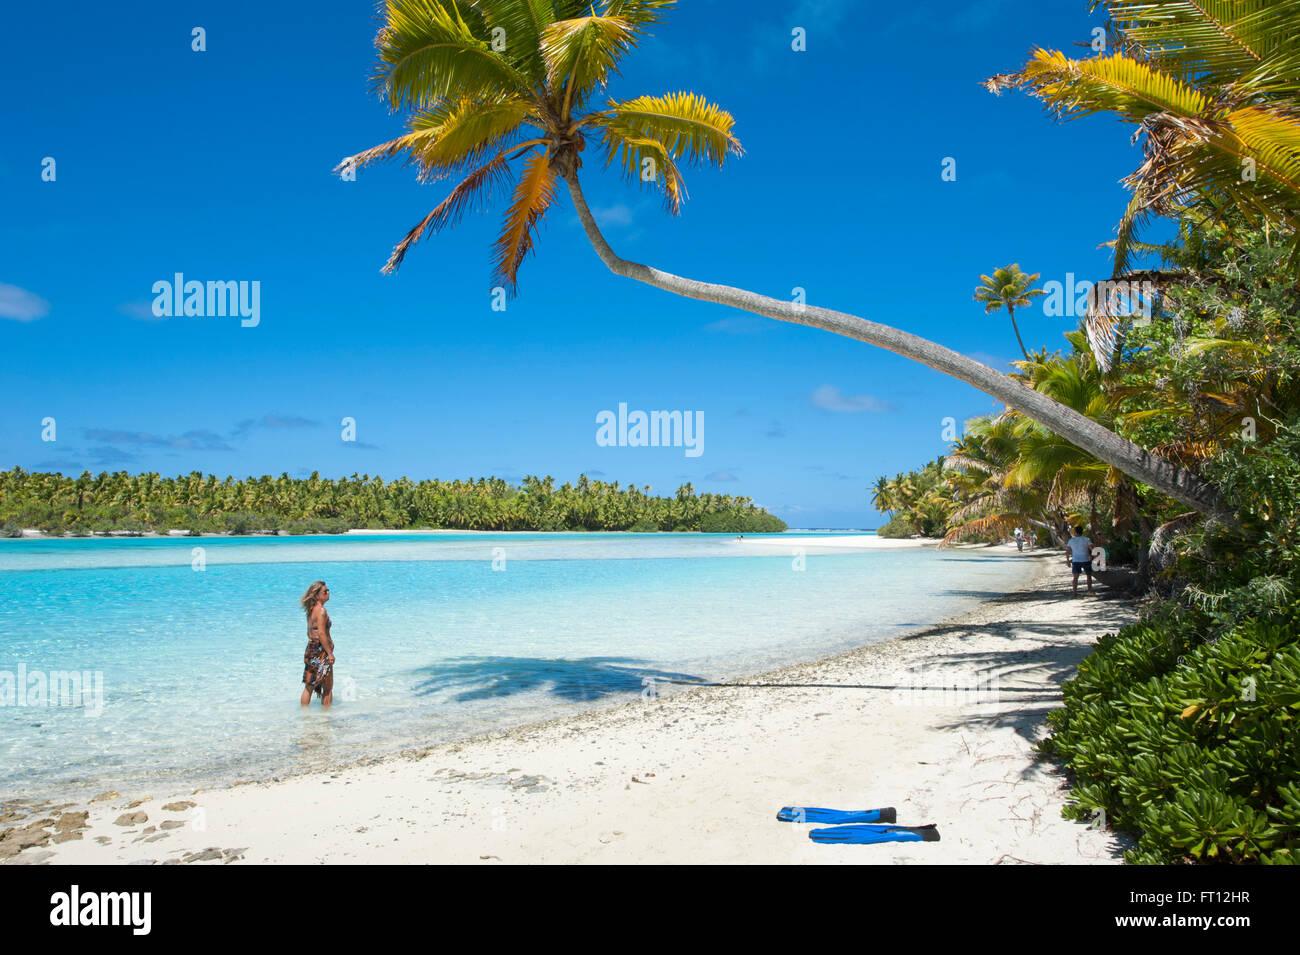 Frau am Strand mit Palmen auf One Foot Island in South Pacific, Cook-Inseln, Aitutaki, Aitutaki Lagune entlang schlendern Stockbild